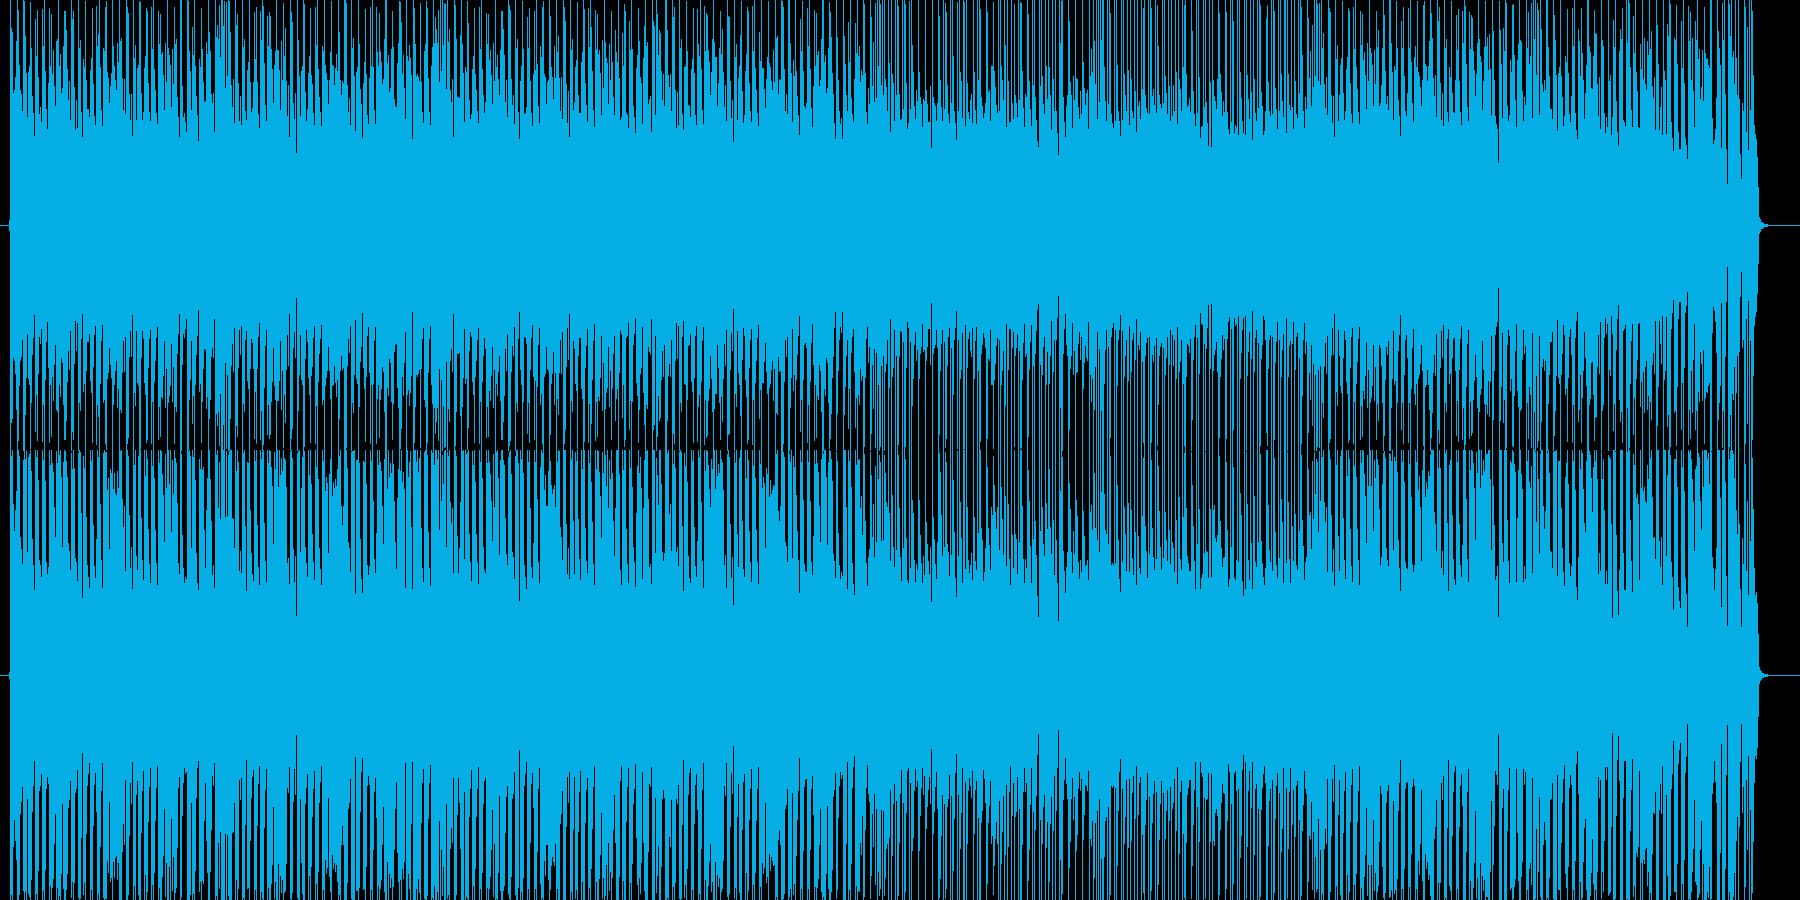 元気わんぱく系の可愛いねこ感【ループ可】の再生済みの波形